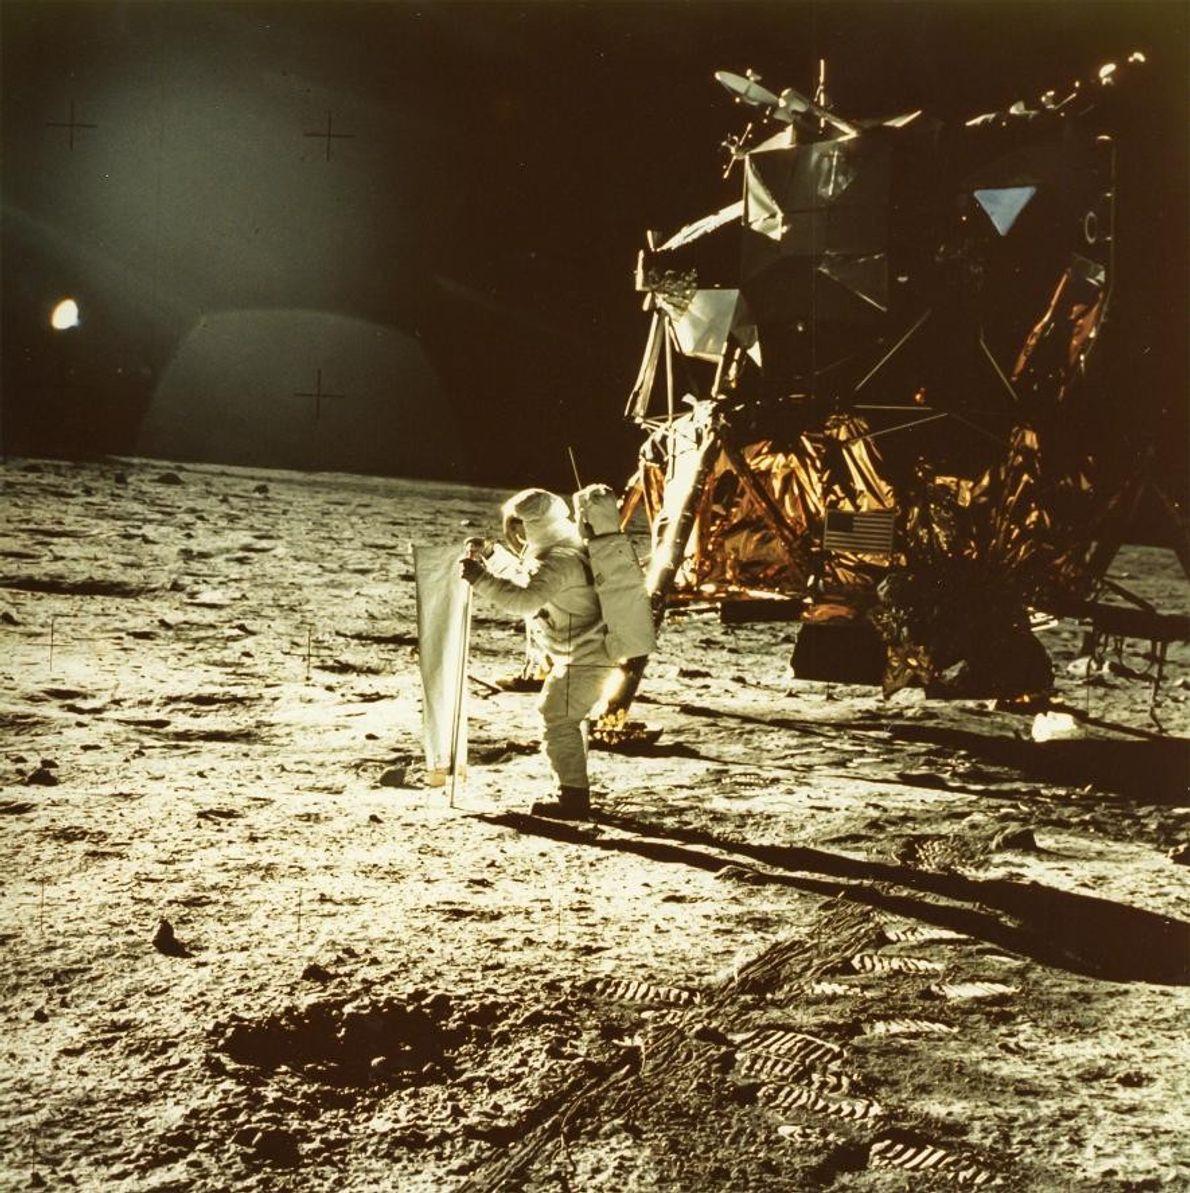 L'astronaute Neil Armstrong a pris cette photo de Buzz Aldrin au cours de la mission Apollo ...